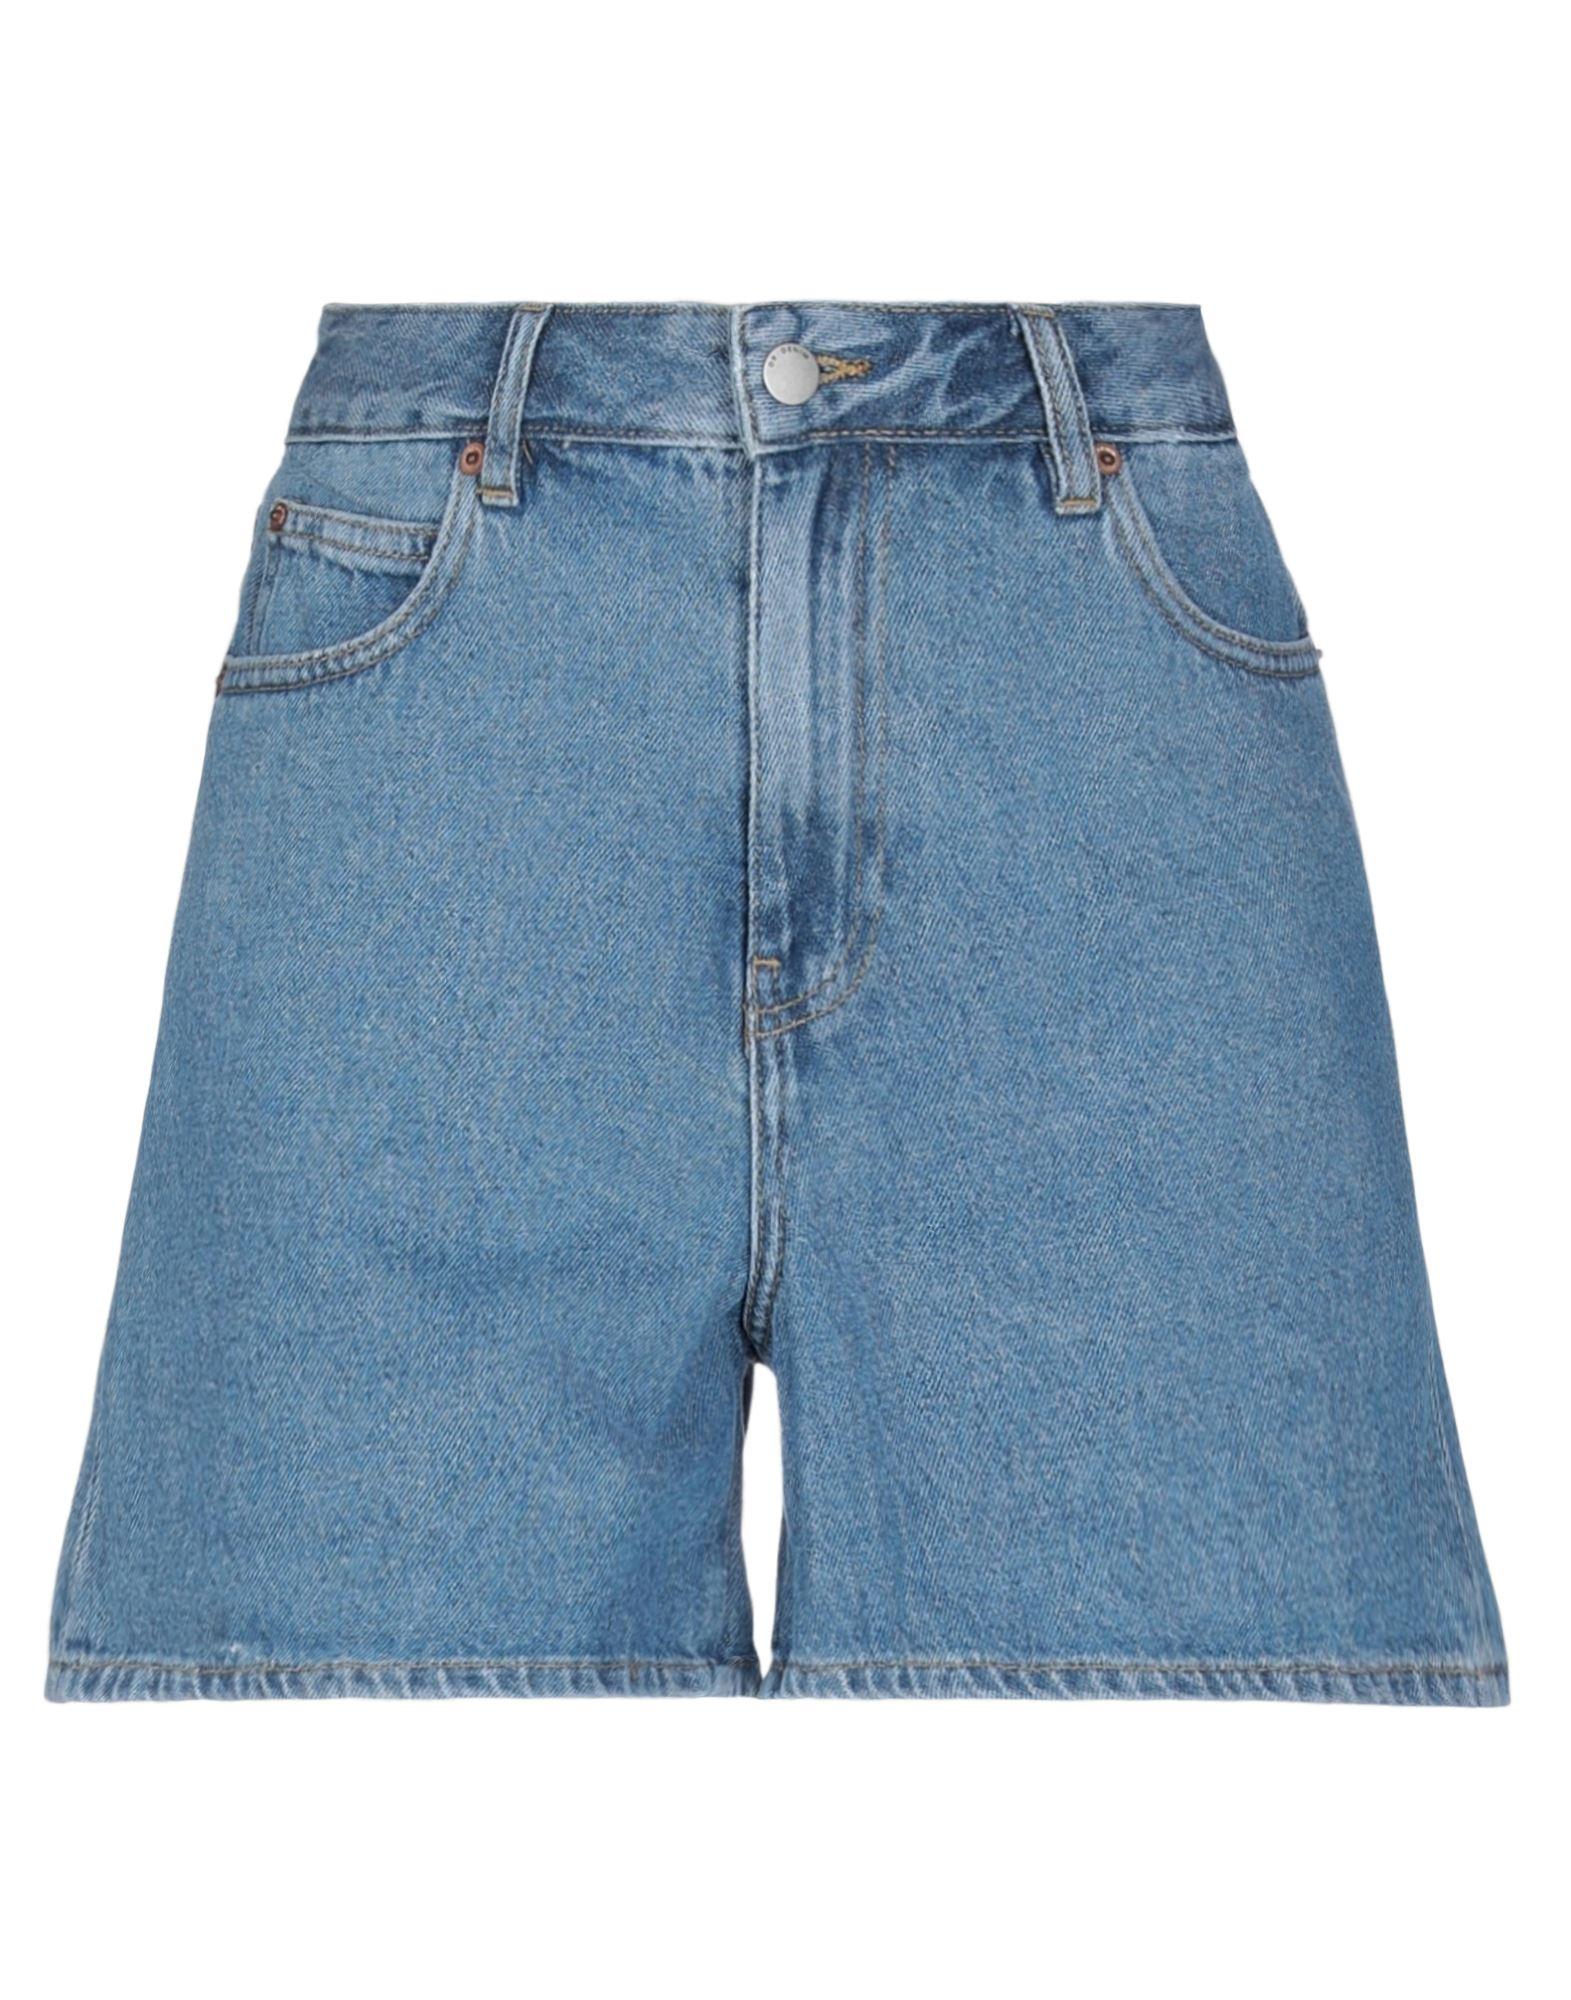 DR. DENIM JEANSMAKERS Джинсовые шорты dr denim jeansmakers джинсовые брюки капри